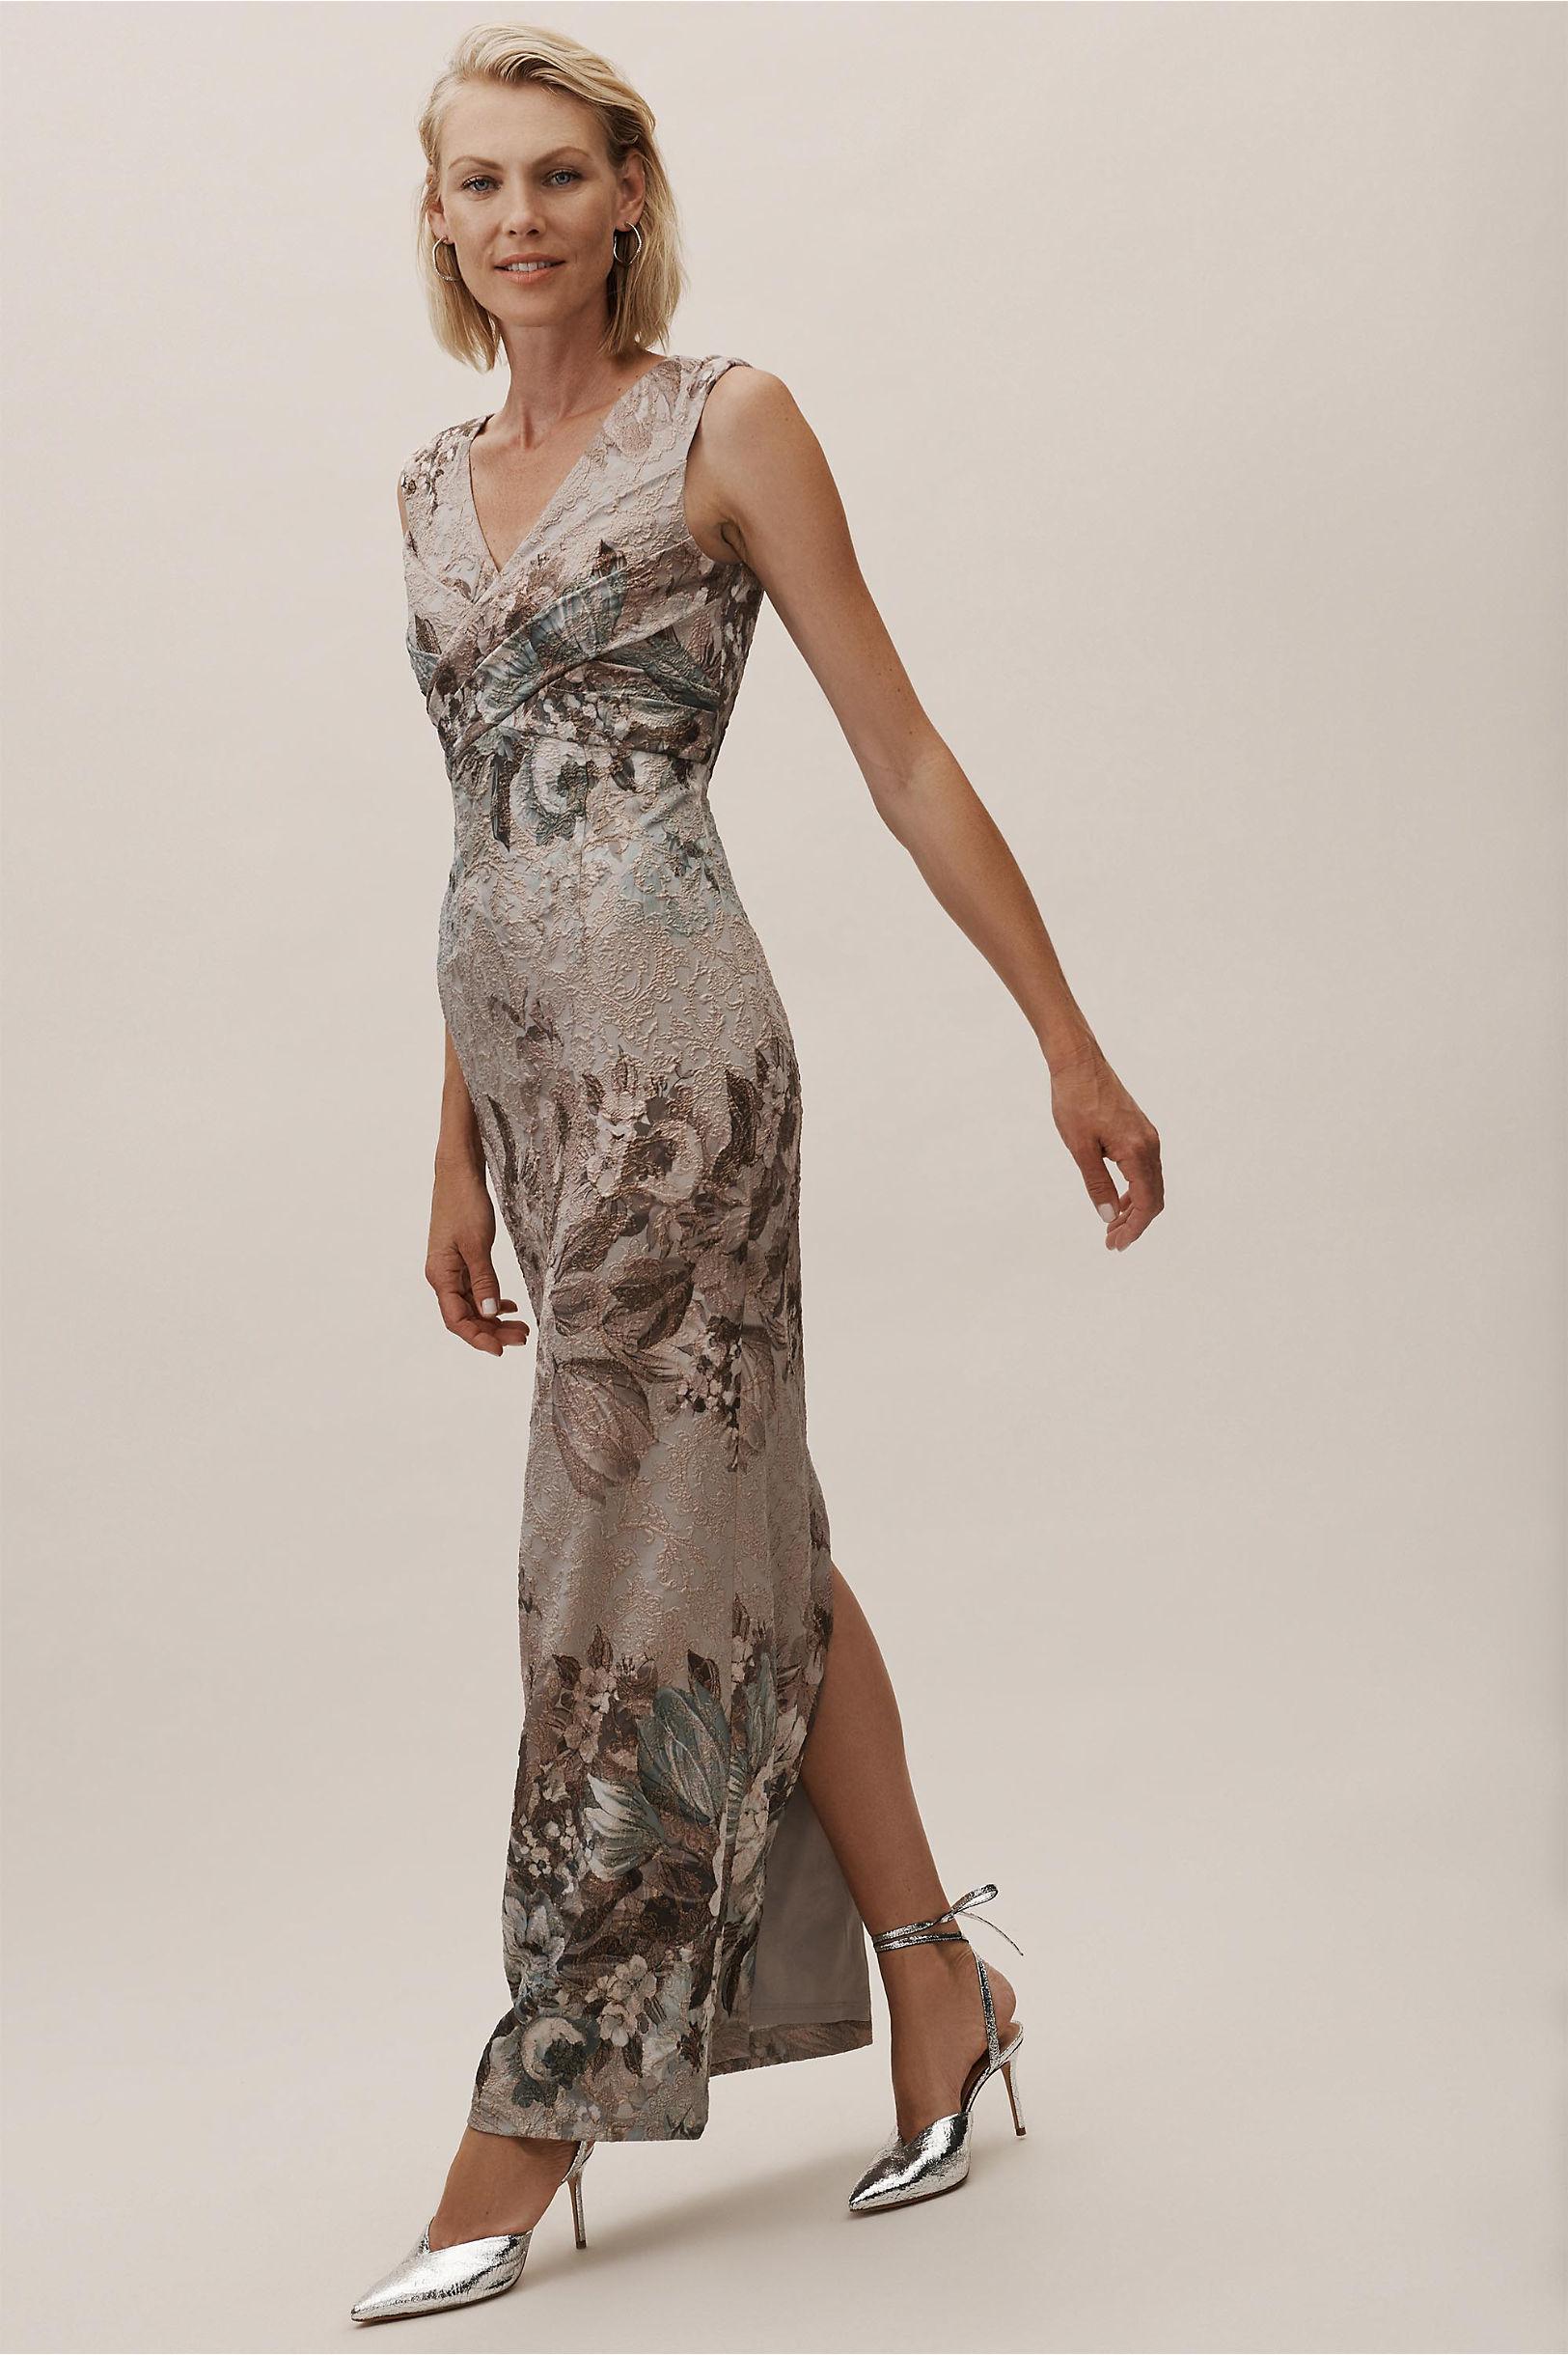 fa07224bf5 Vestido para mãe da noiva  150 fotos para você escolher o modelo ideal